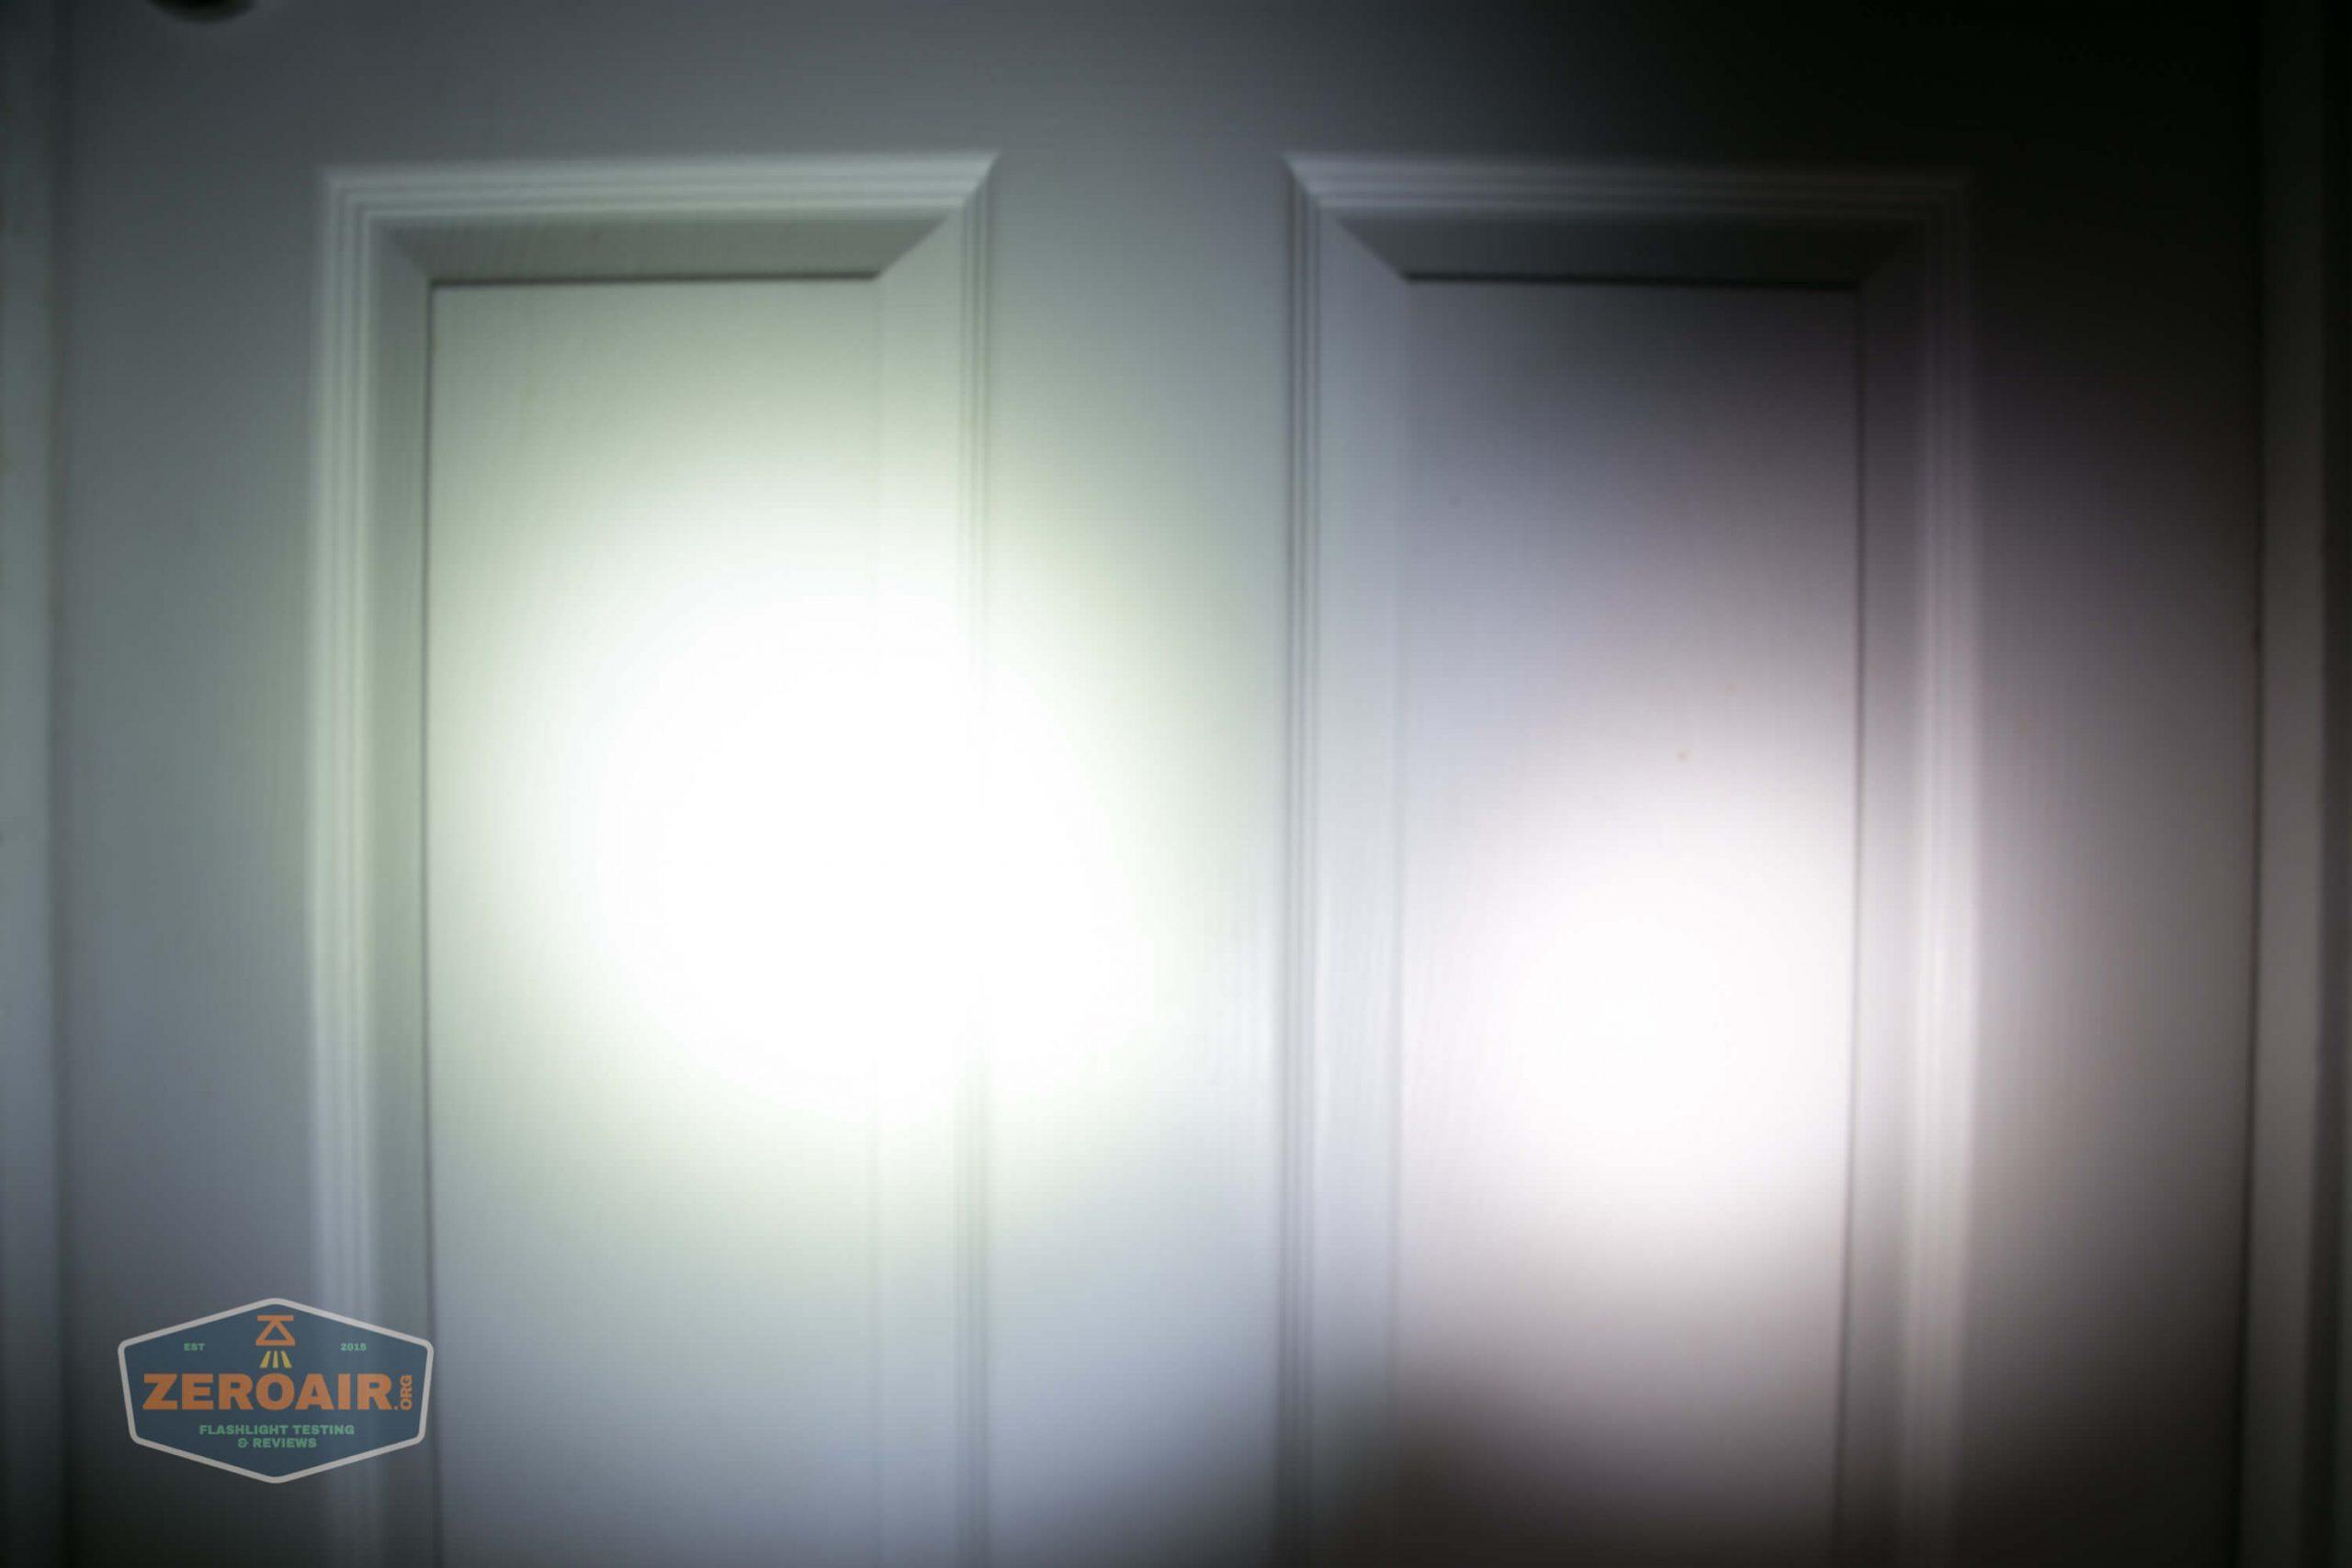 klarus g25 21700 cree xhp70.2 flashlight beamshot door